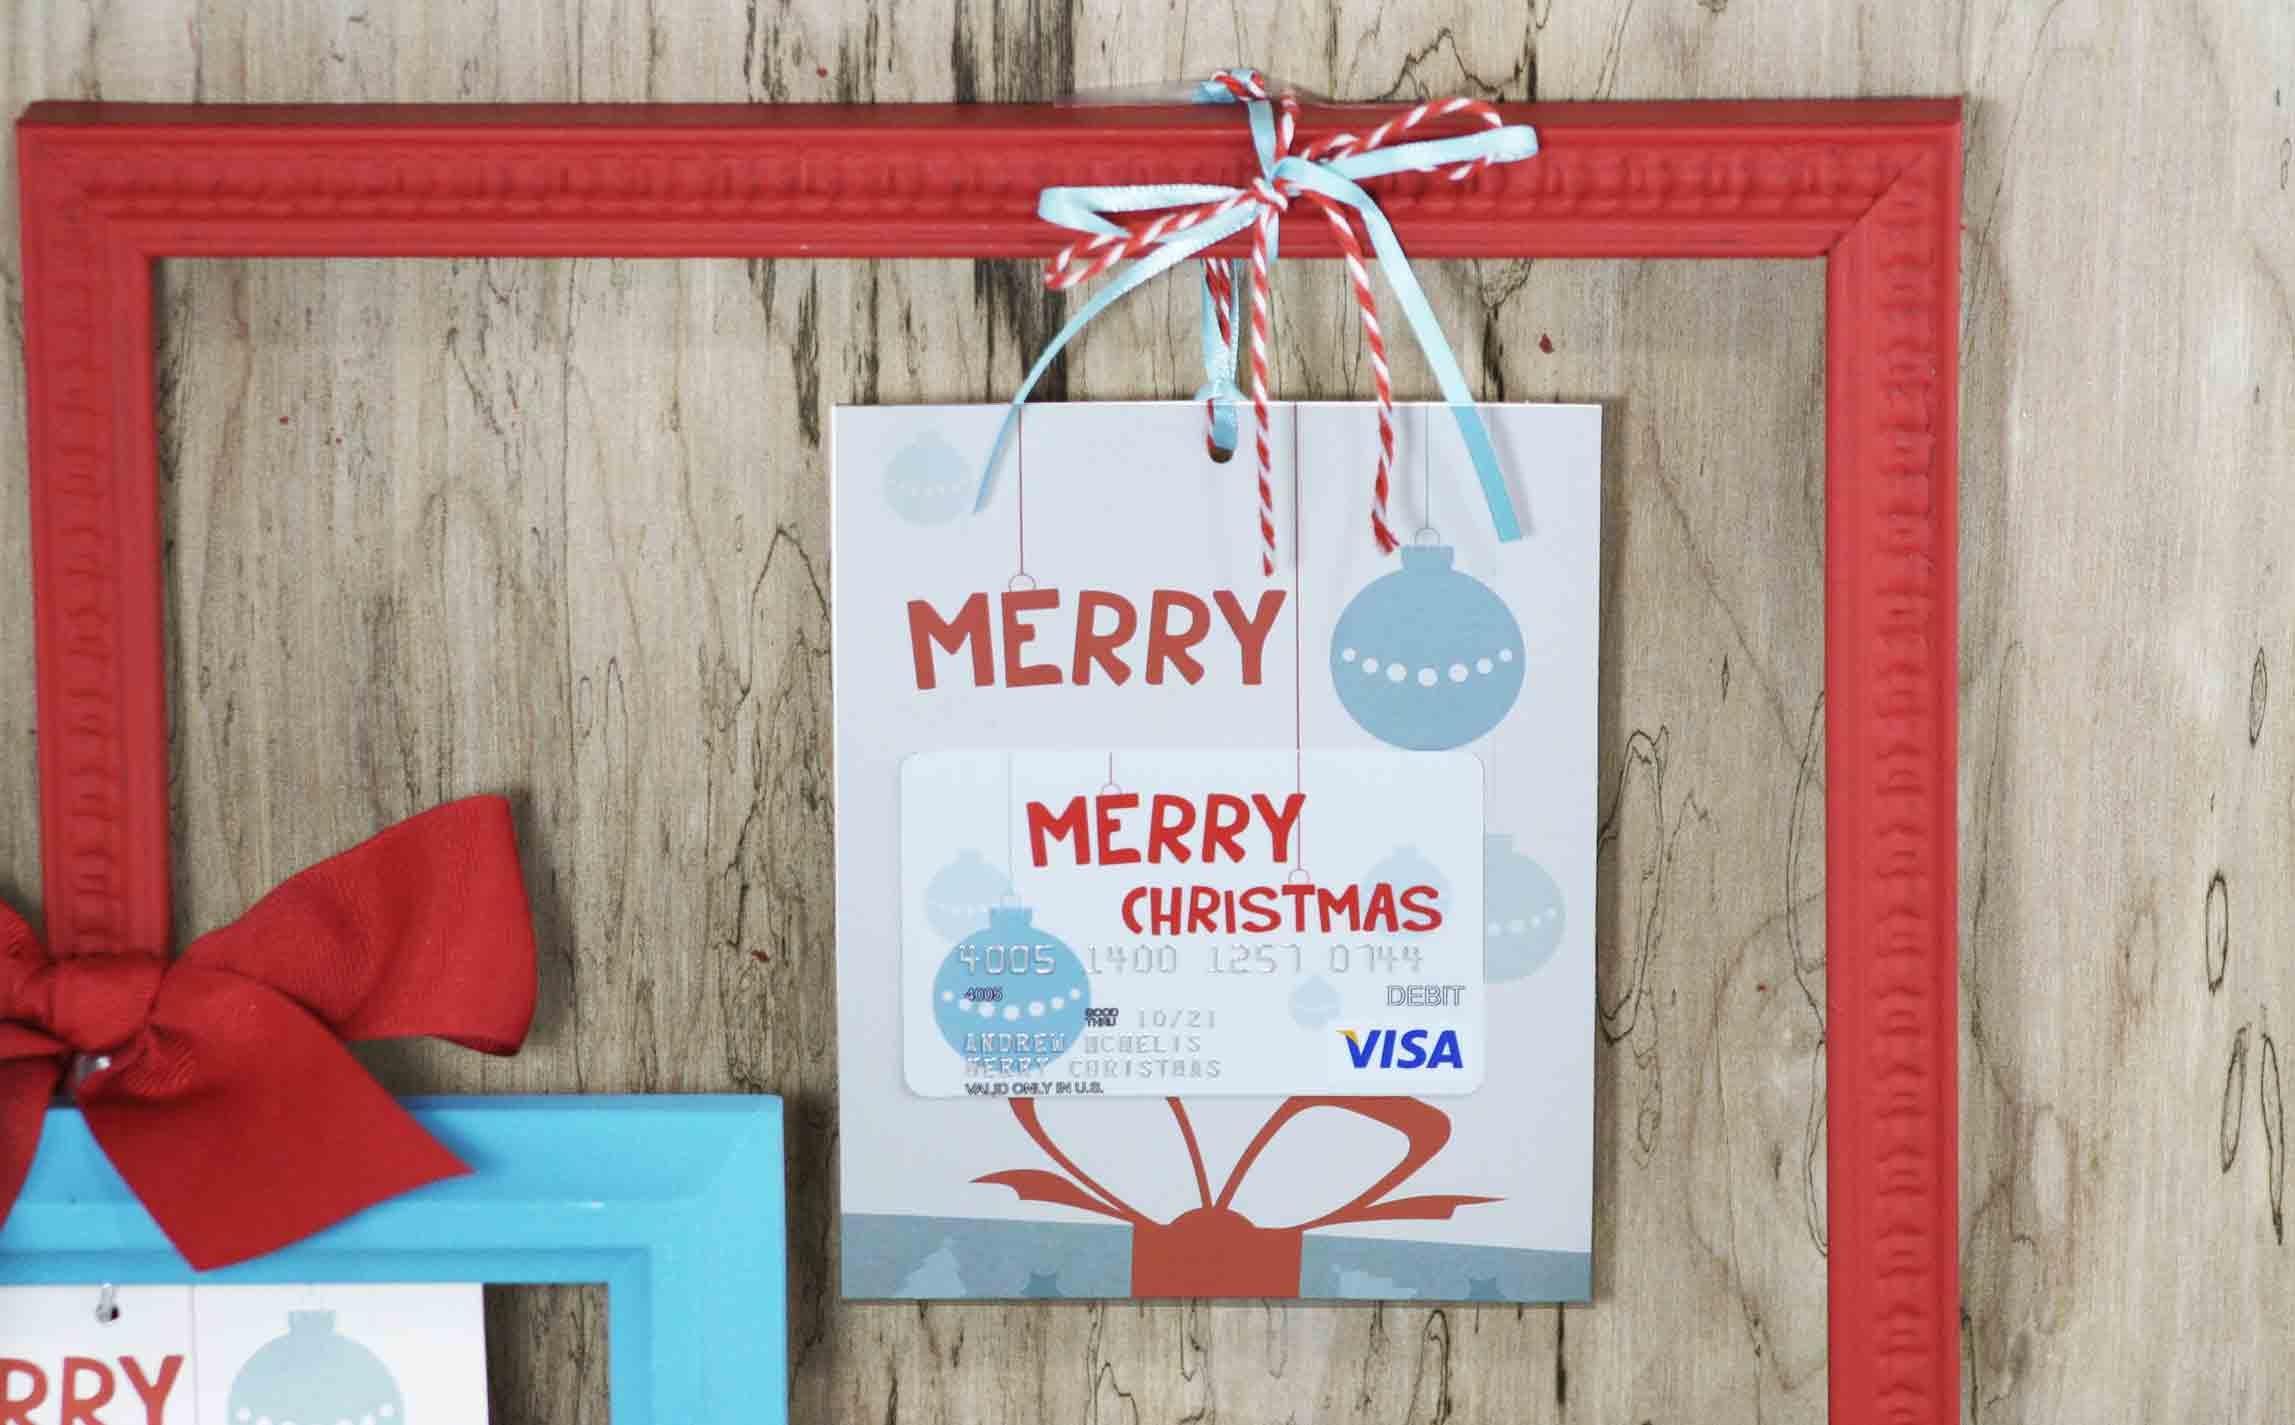 Free Printable} Merry Christmas Gift Card Holder| Gcg - Free Printable Christmas Cards With Photo Insert